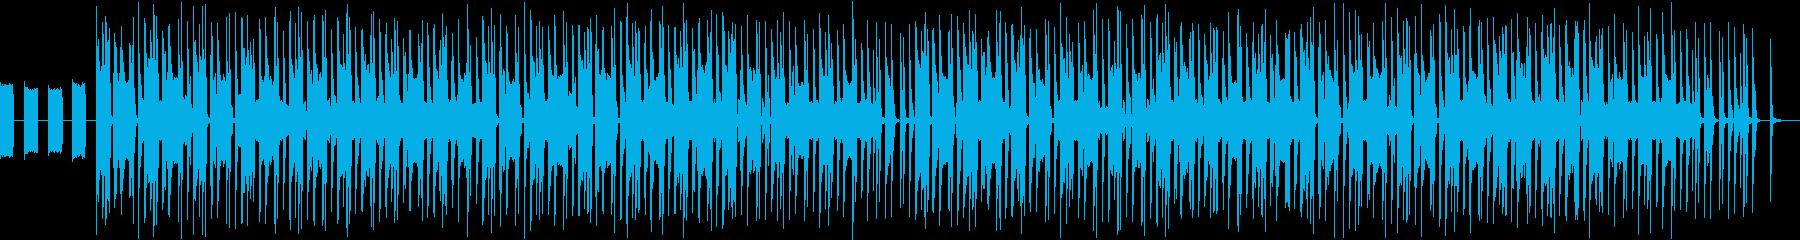 機械的な無機質なbgmです。の再生済みの波形